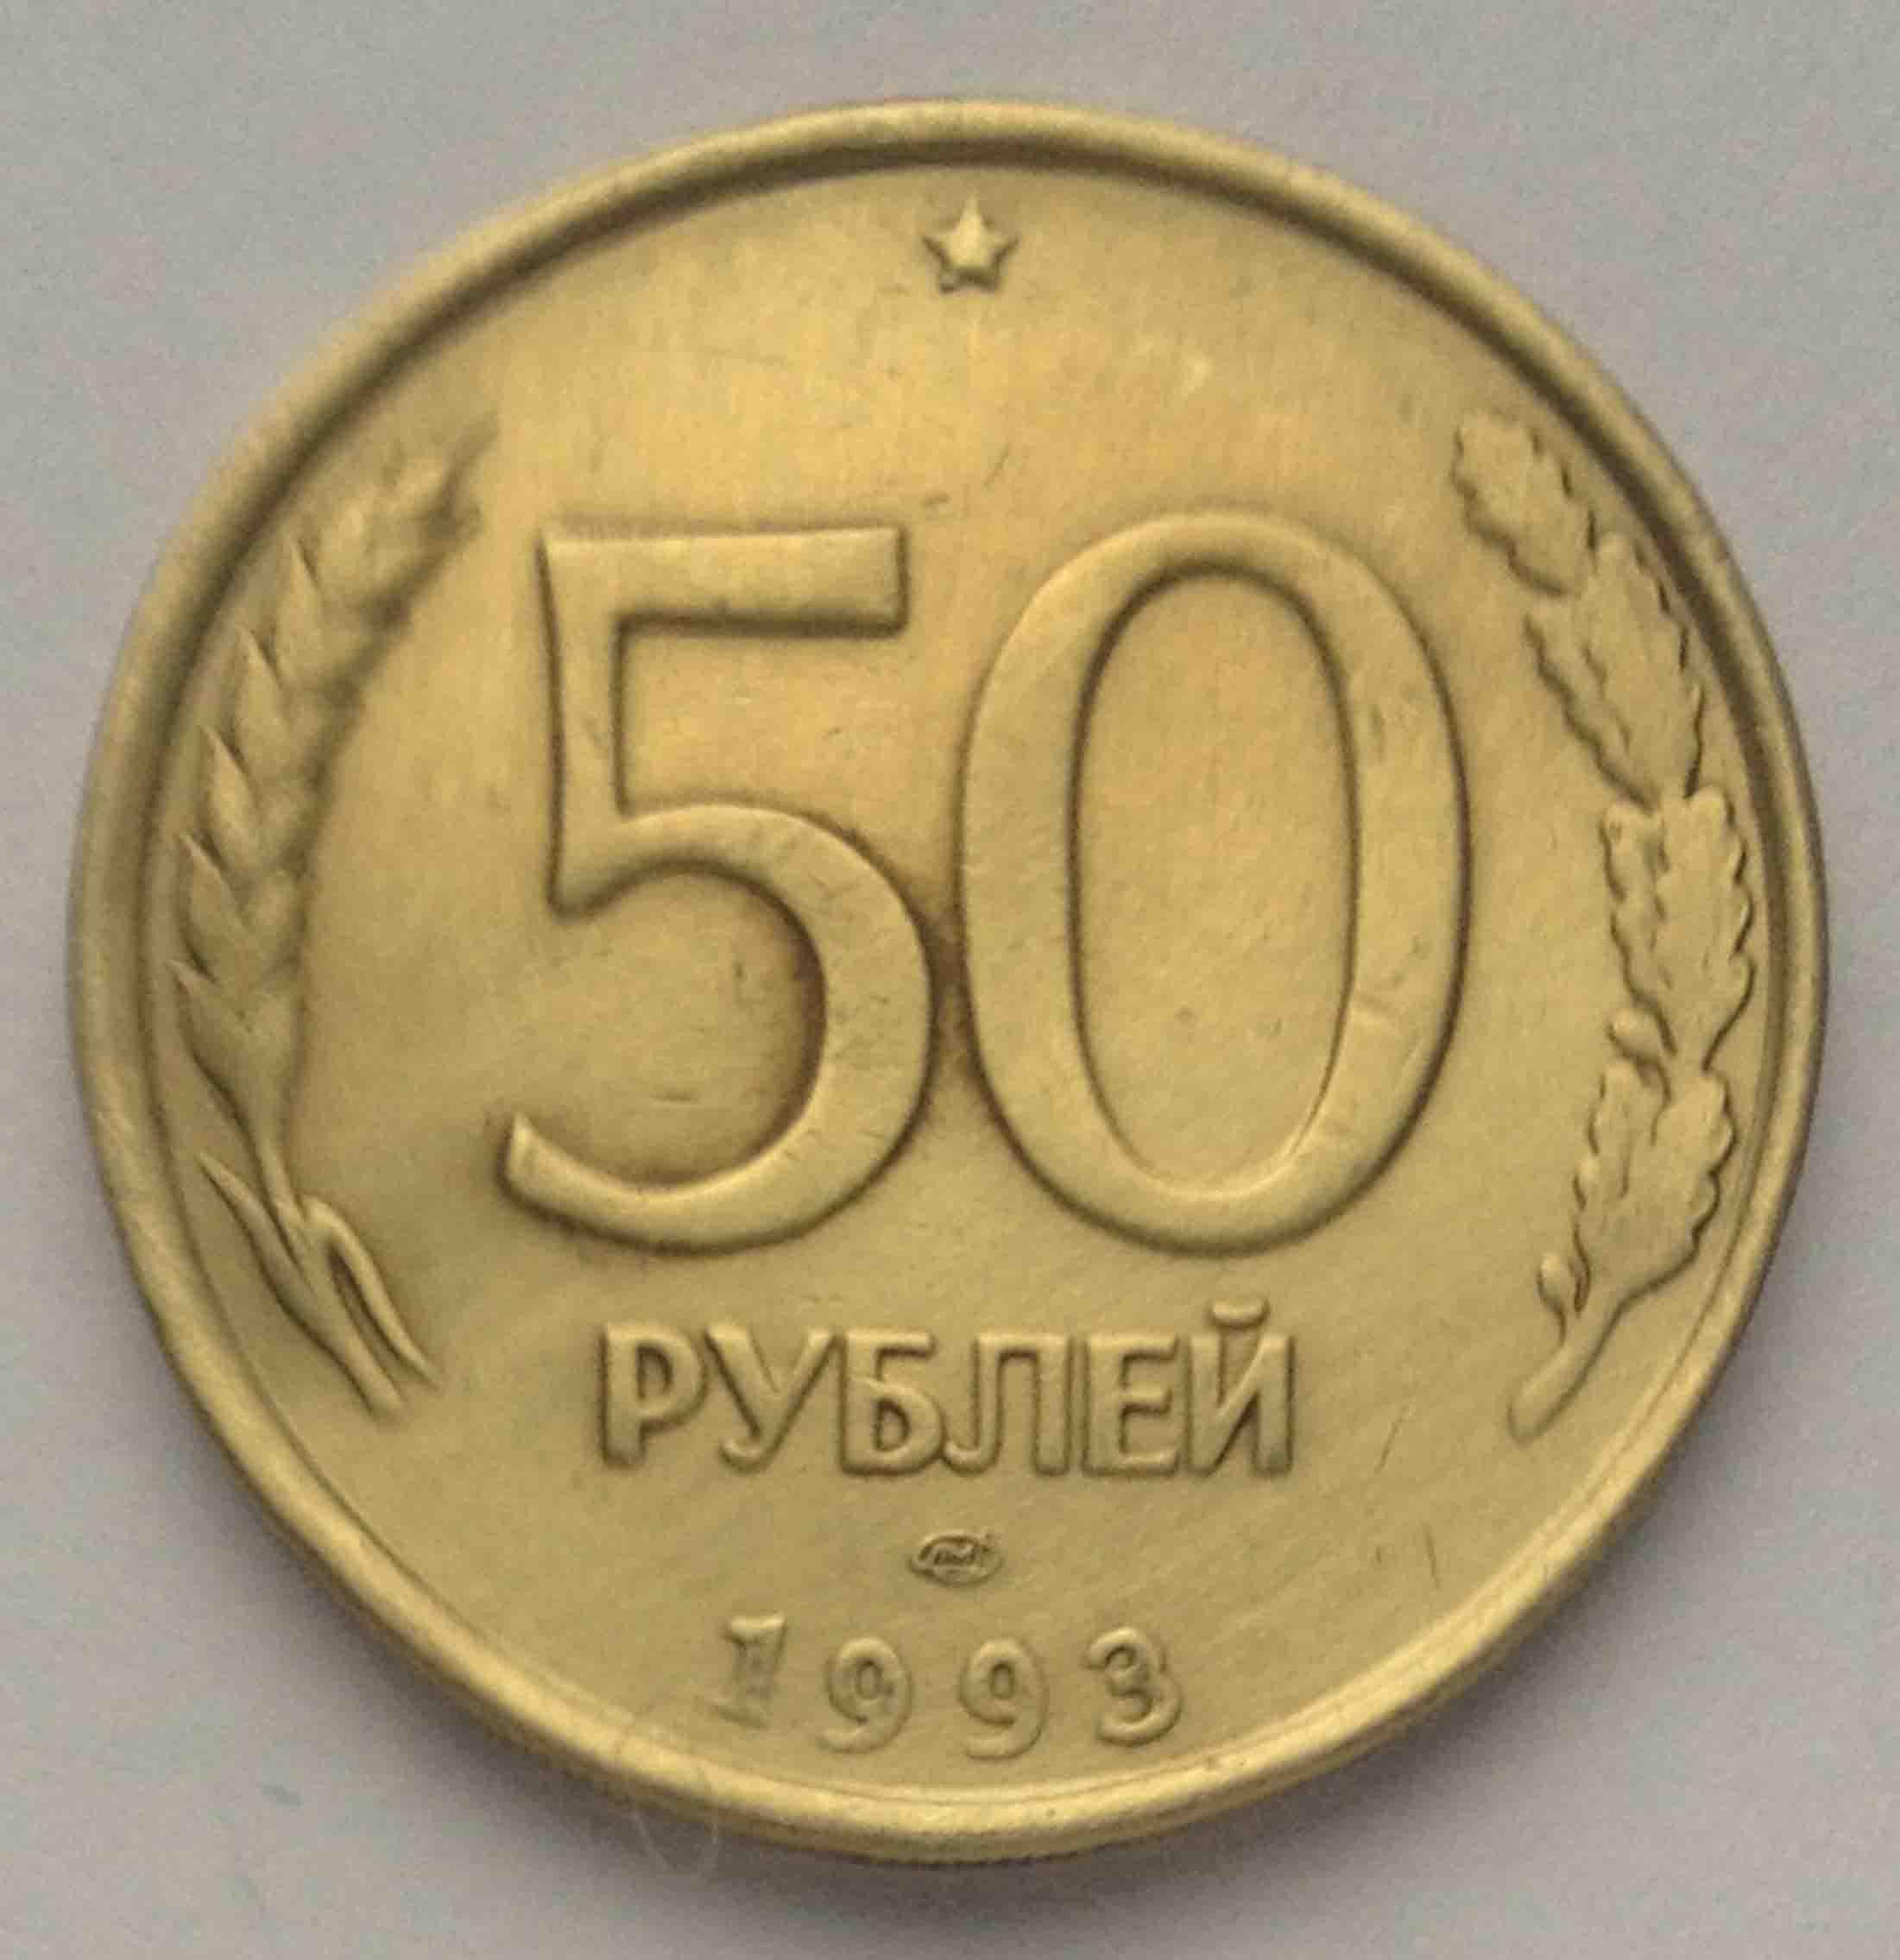 50 рублей 1993 г.